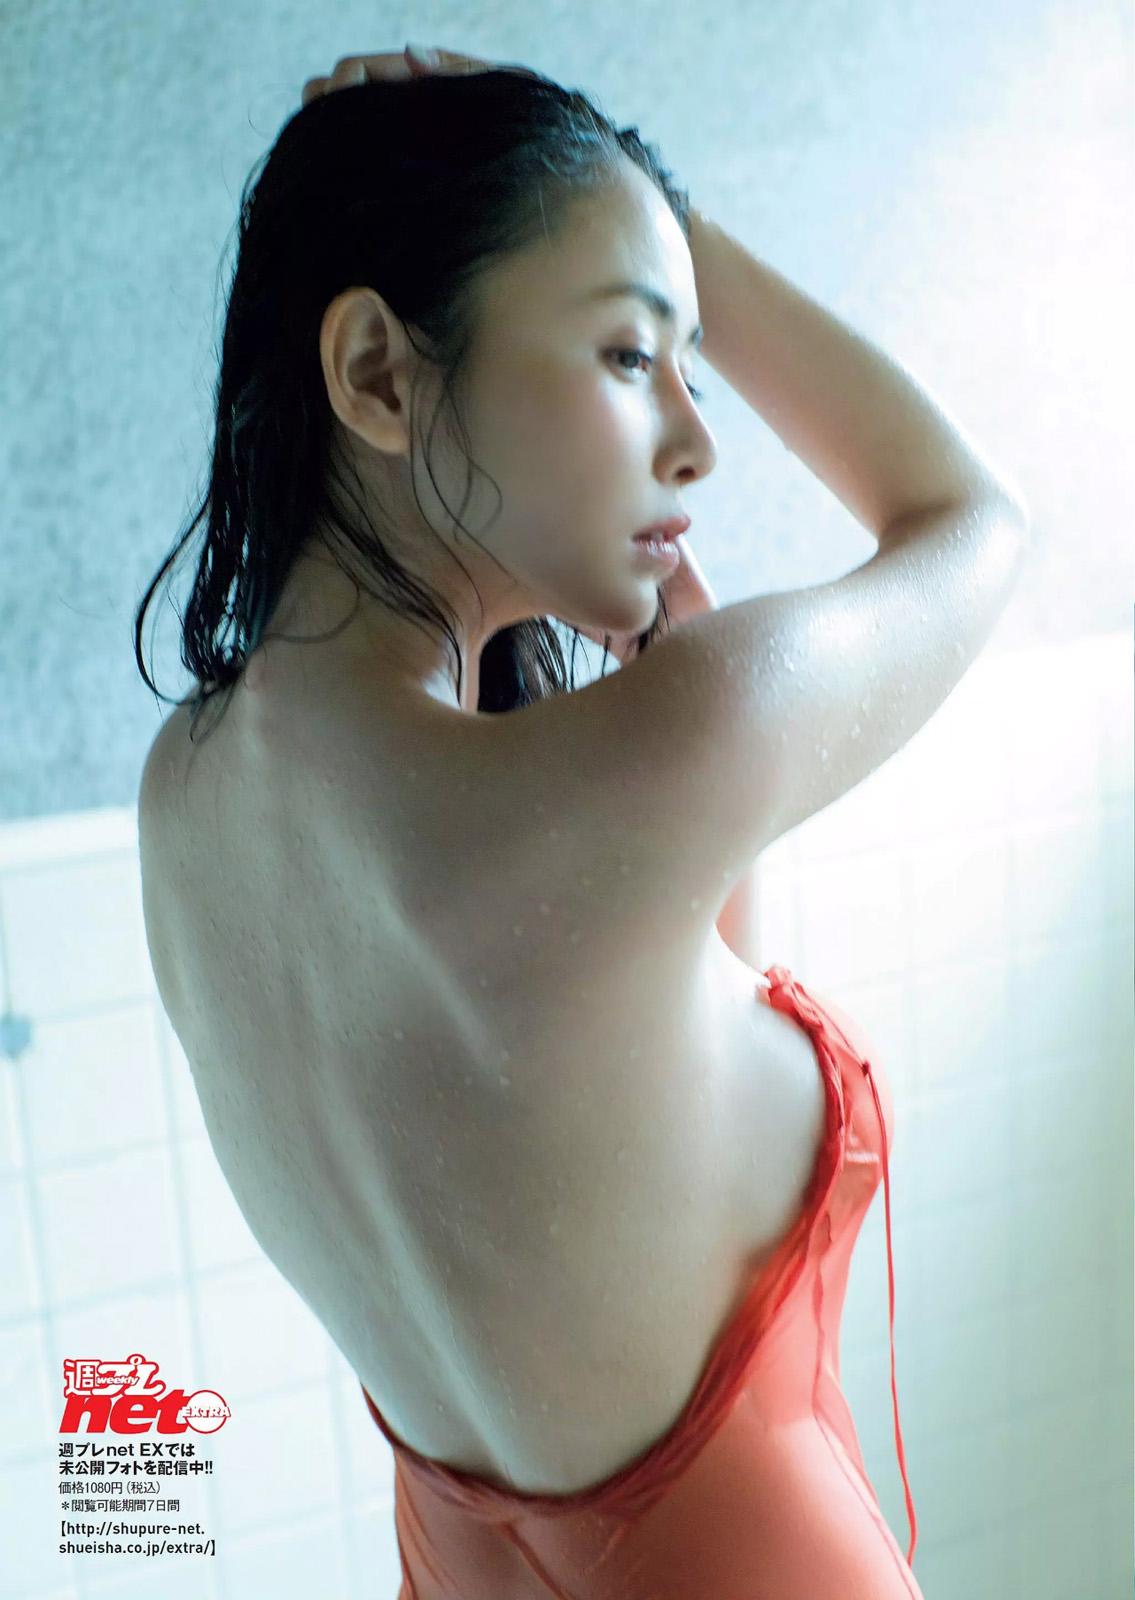 image http://scanlover.com/assets/images/414-7GlIBZBkvi6sc4o7.jpeg